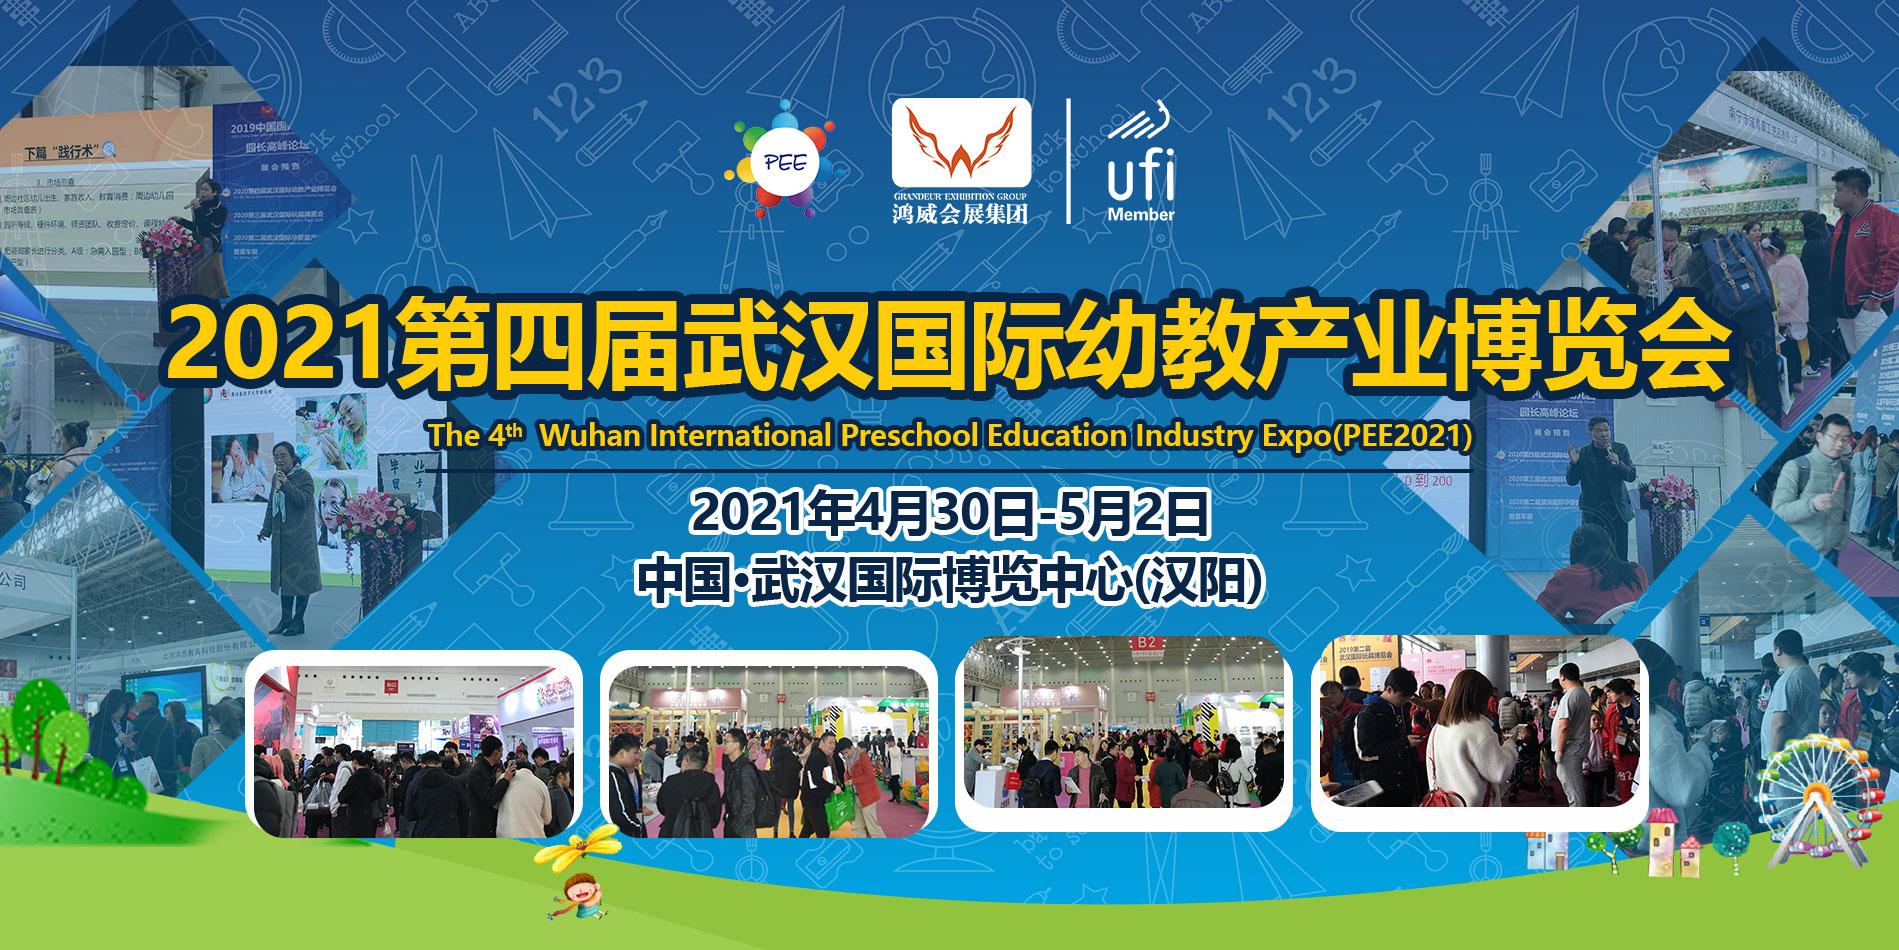 武汉幼教展|2021幼教用品展|早教展|幼教装备展